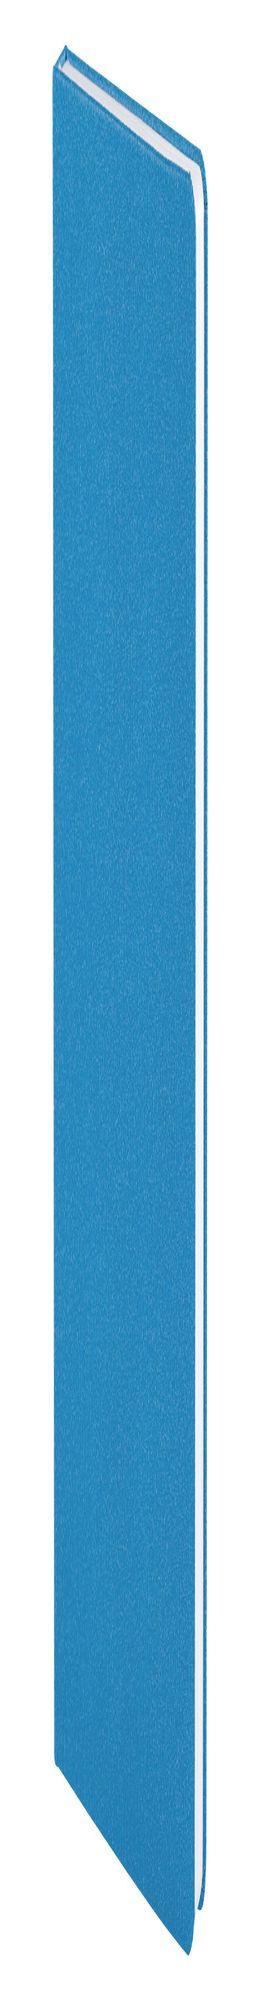 Ежедневник Soul, недатированный, голубой фото